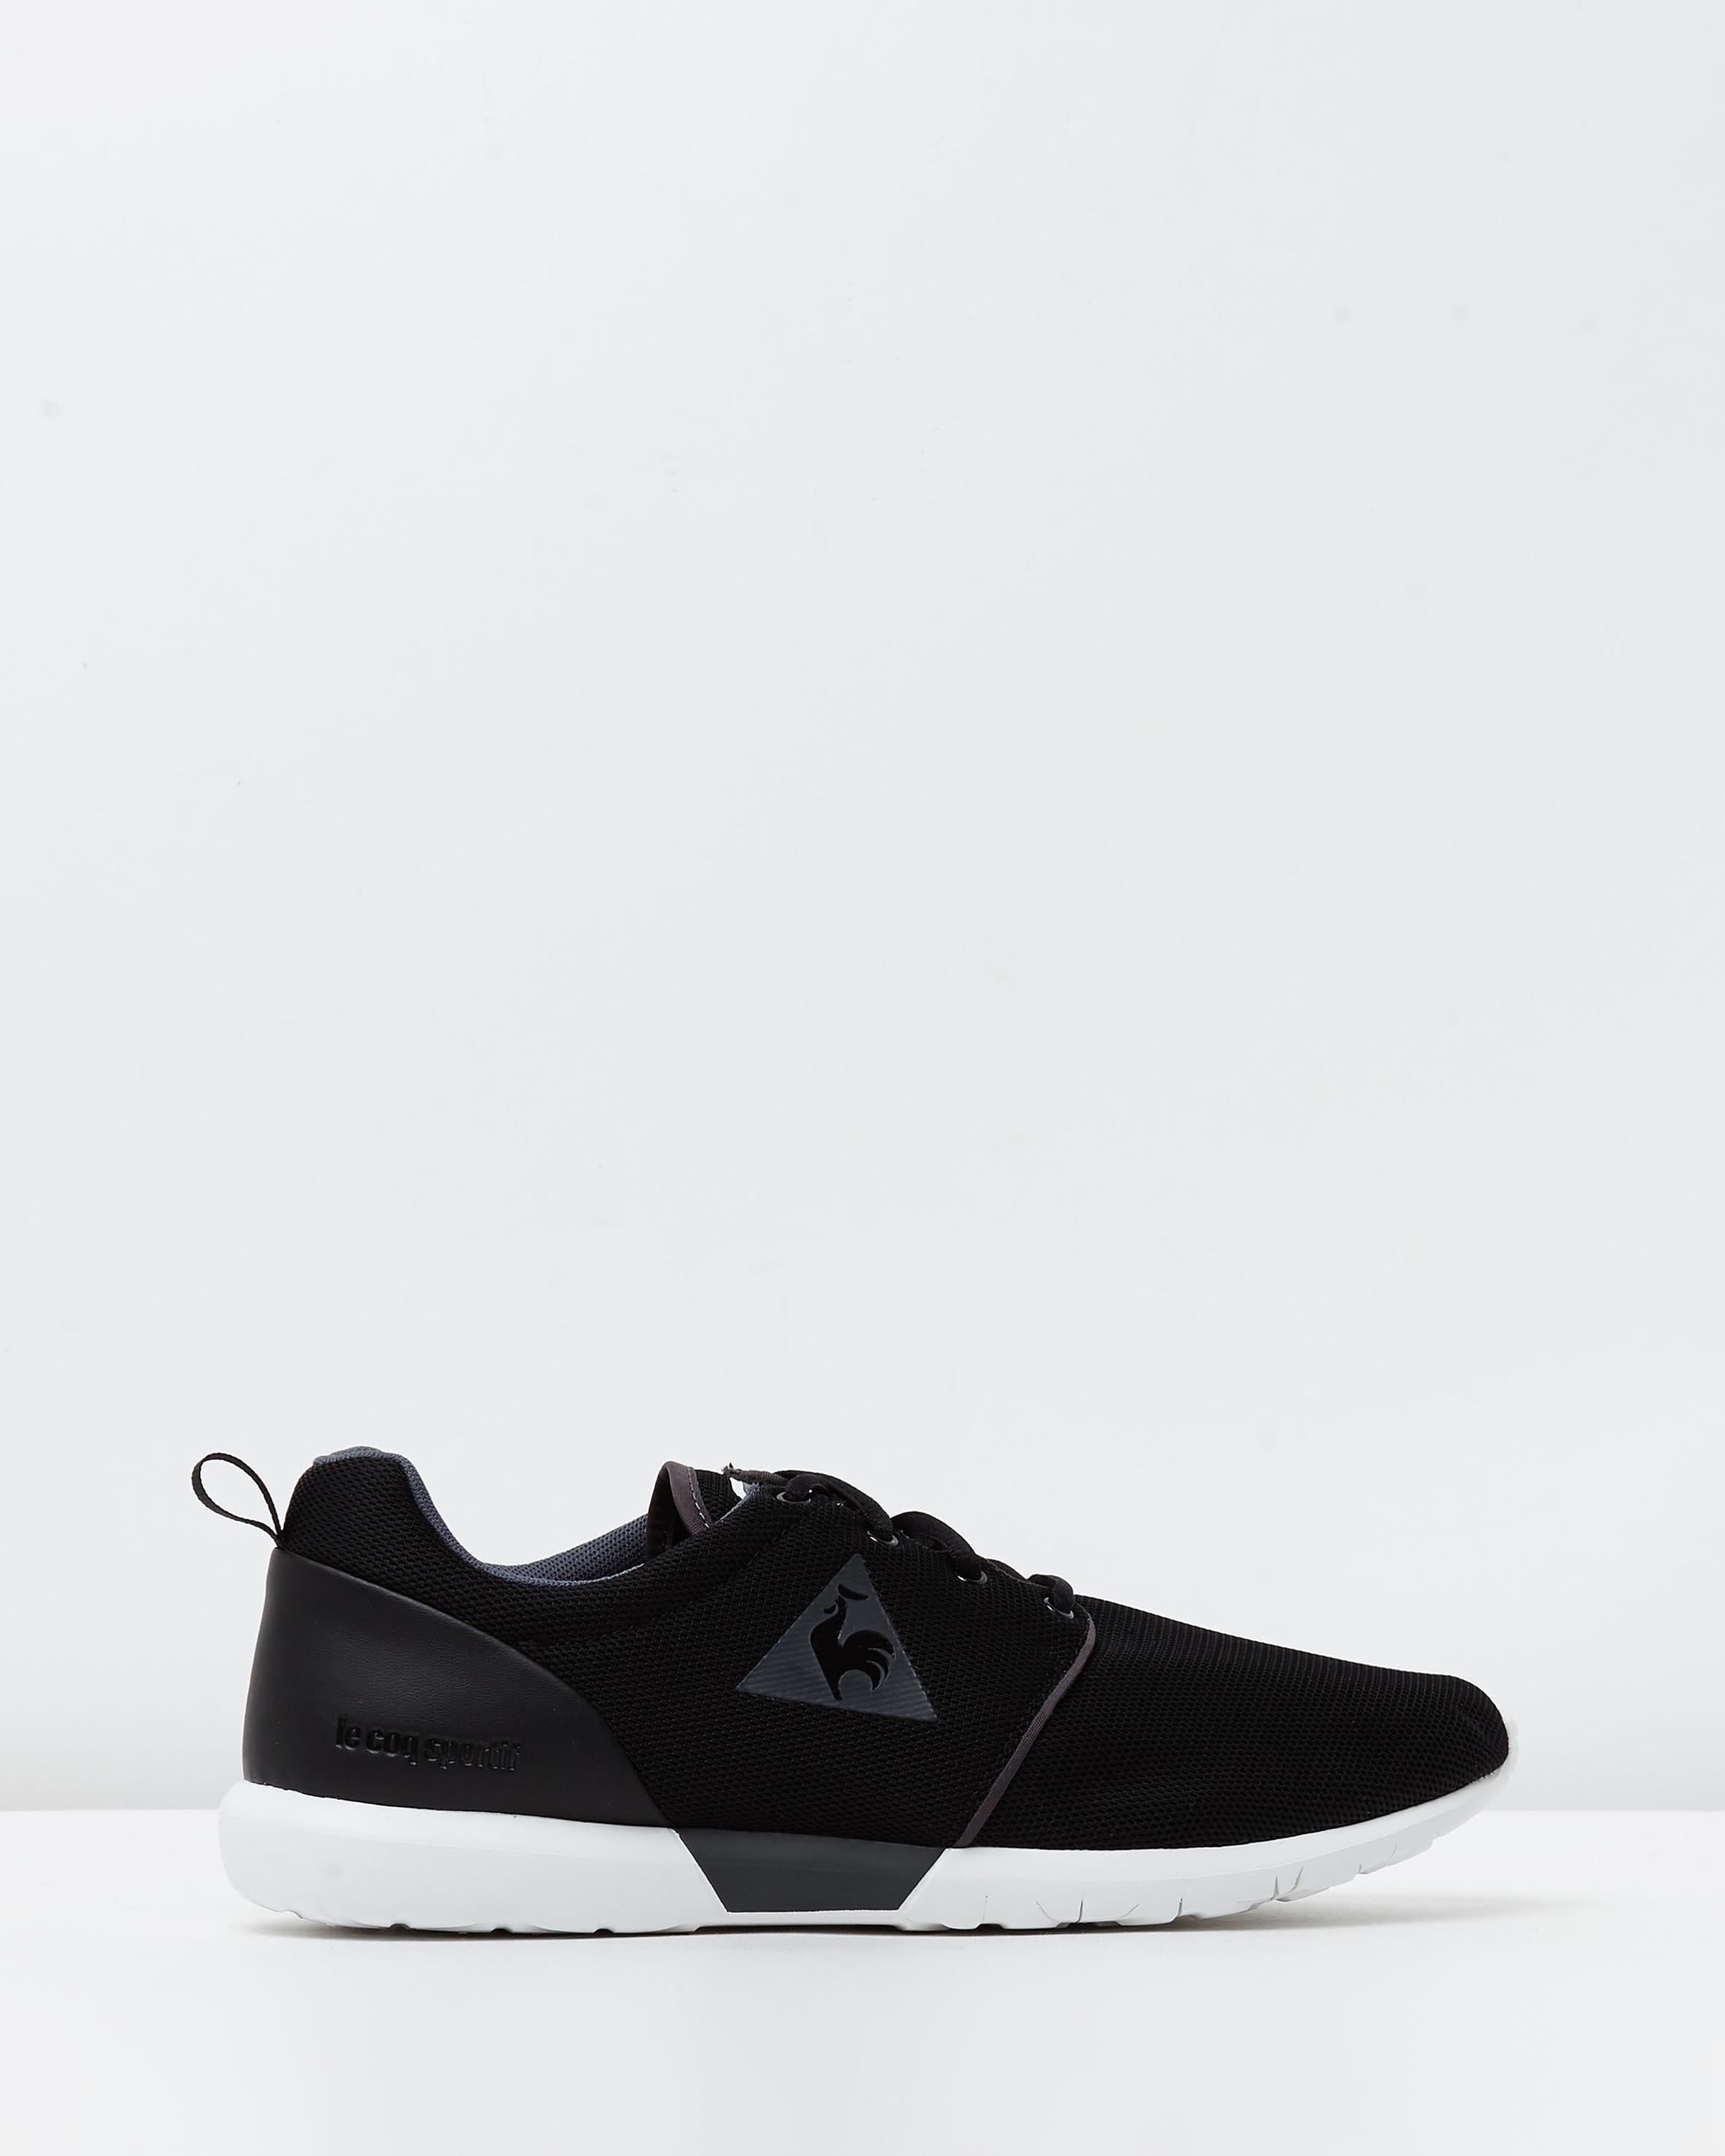 quality design 5b484 2af10 ... le coq sportif shoes blue black .. ...